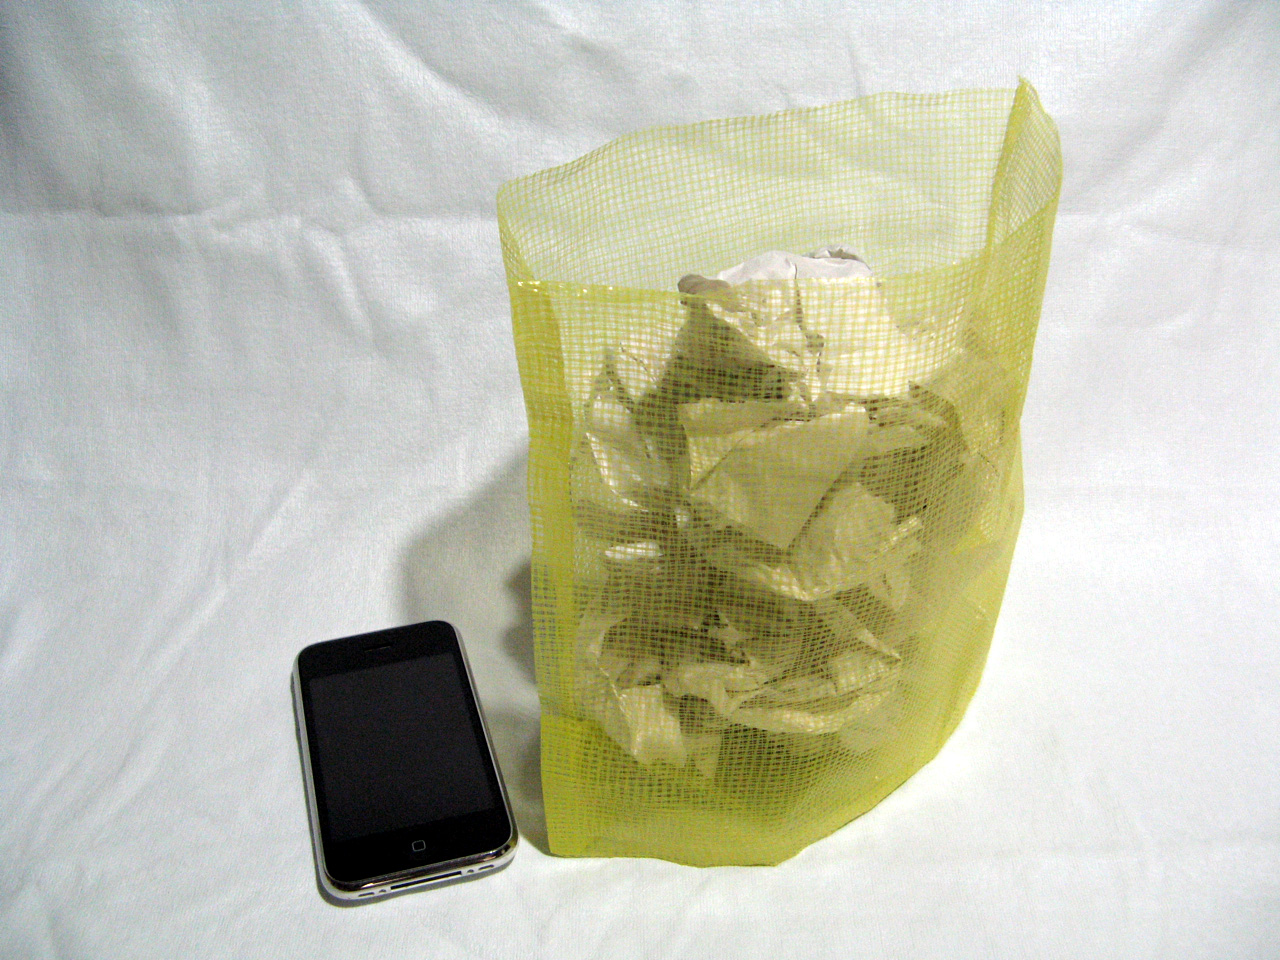 横25×縦20×マチ6cmと容量も大きい。中に入れたゴミ自体の重量で立てたときの安定感も増す